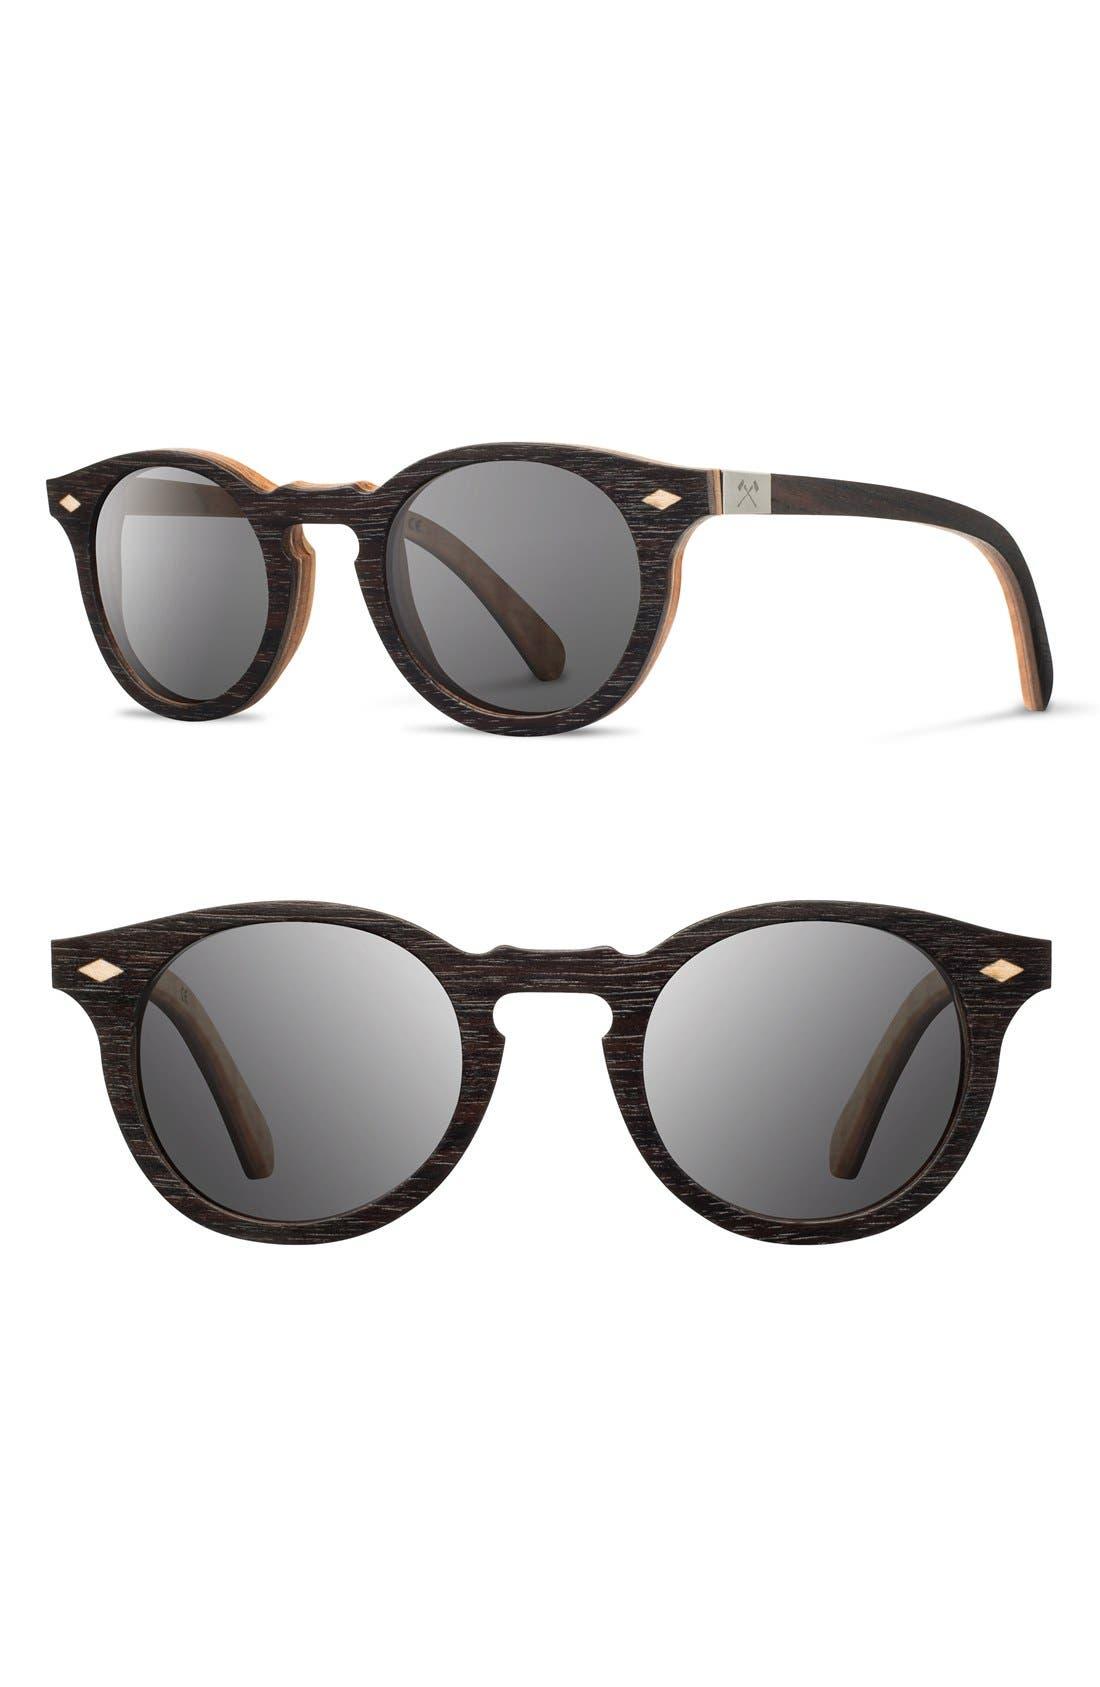 Alternate Image 1 Selected - Shwood 'Florence' 49mm Polarized Wood Sunglasses